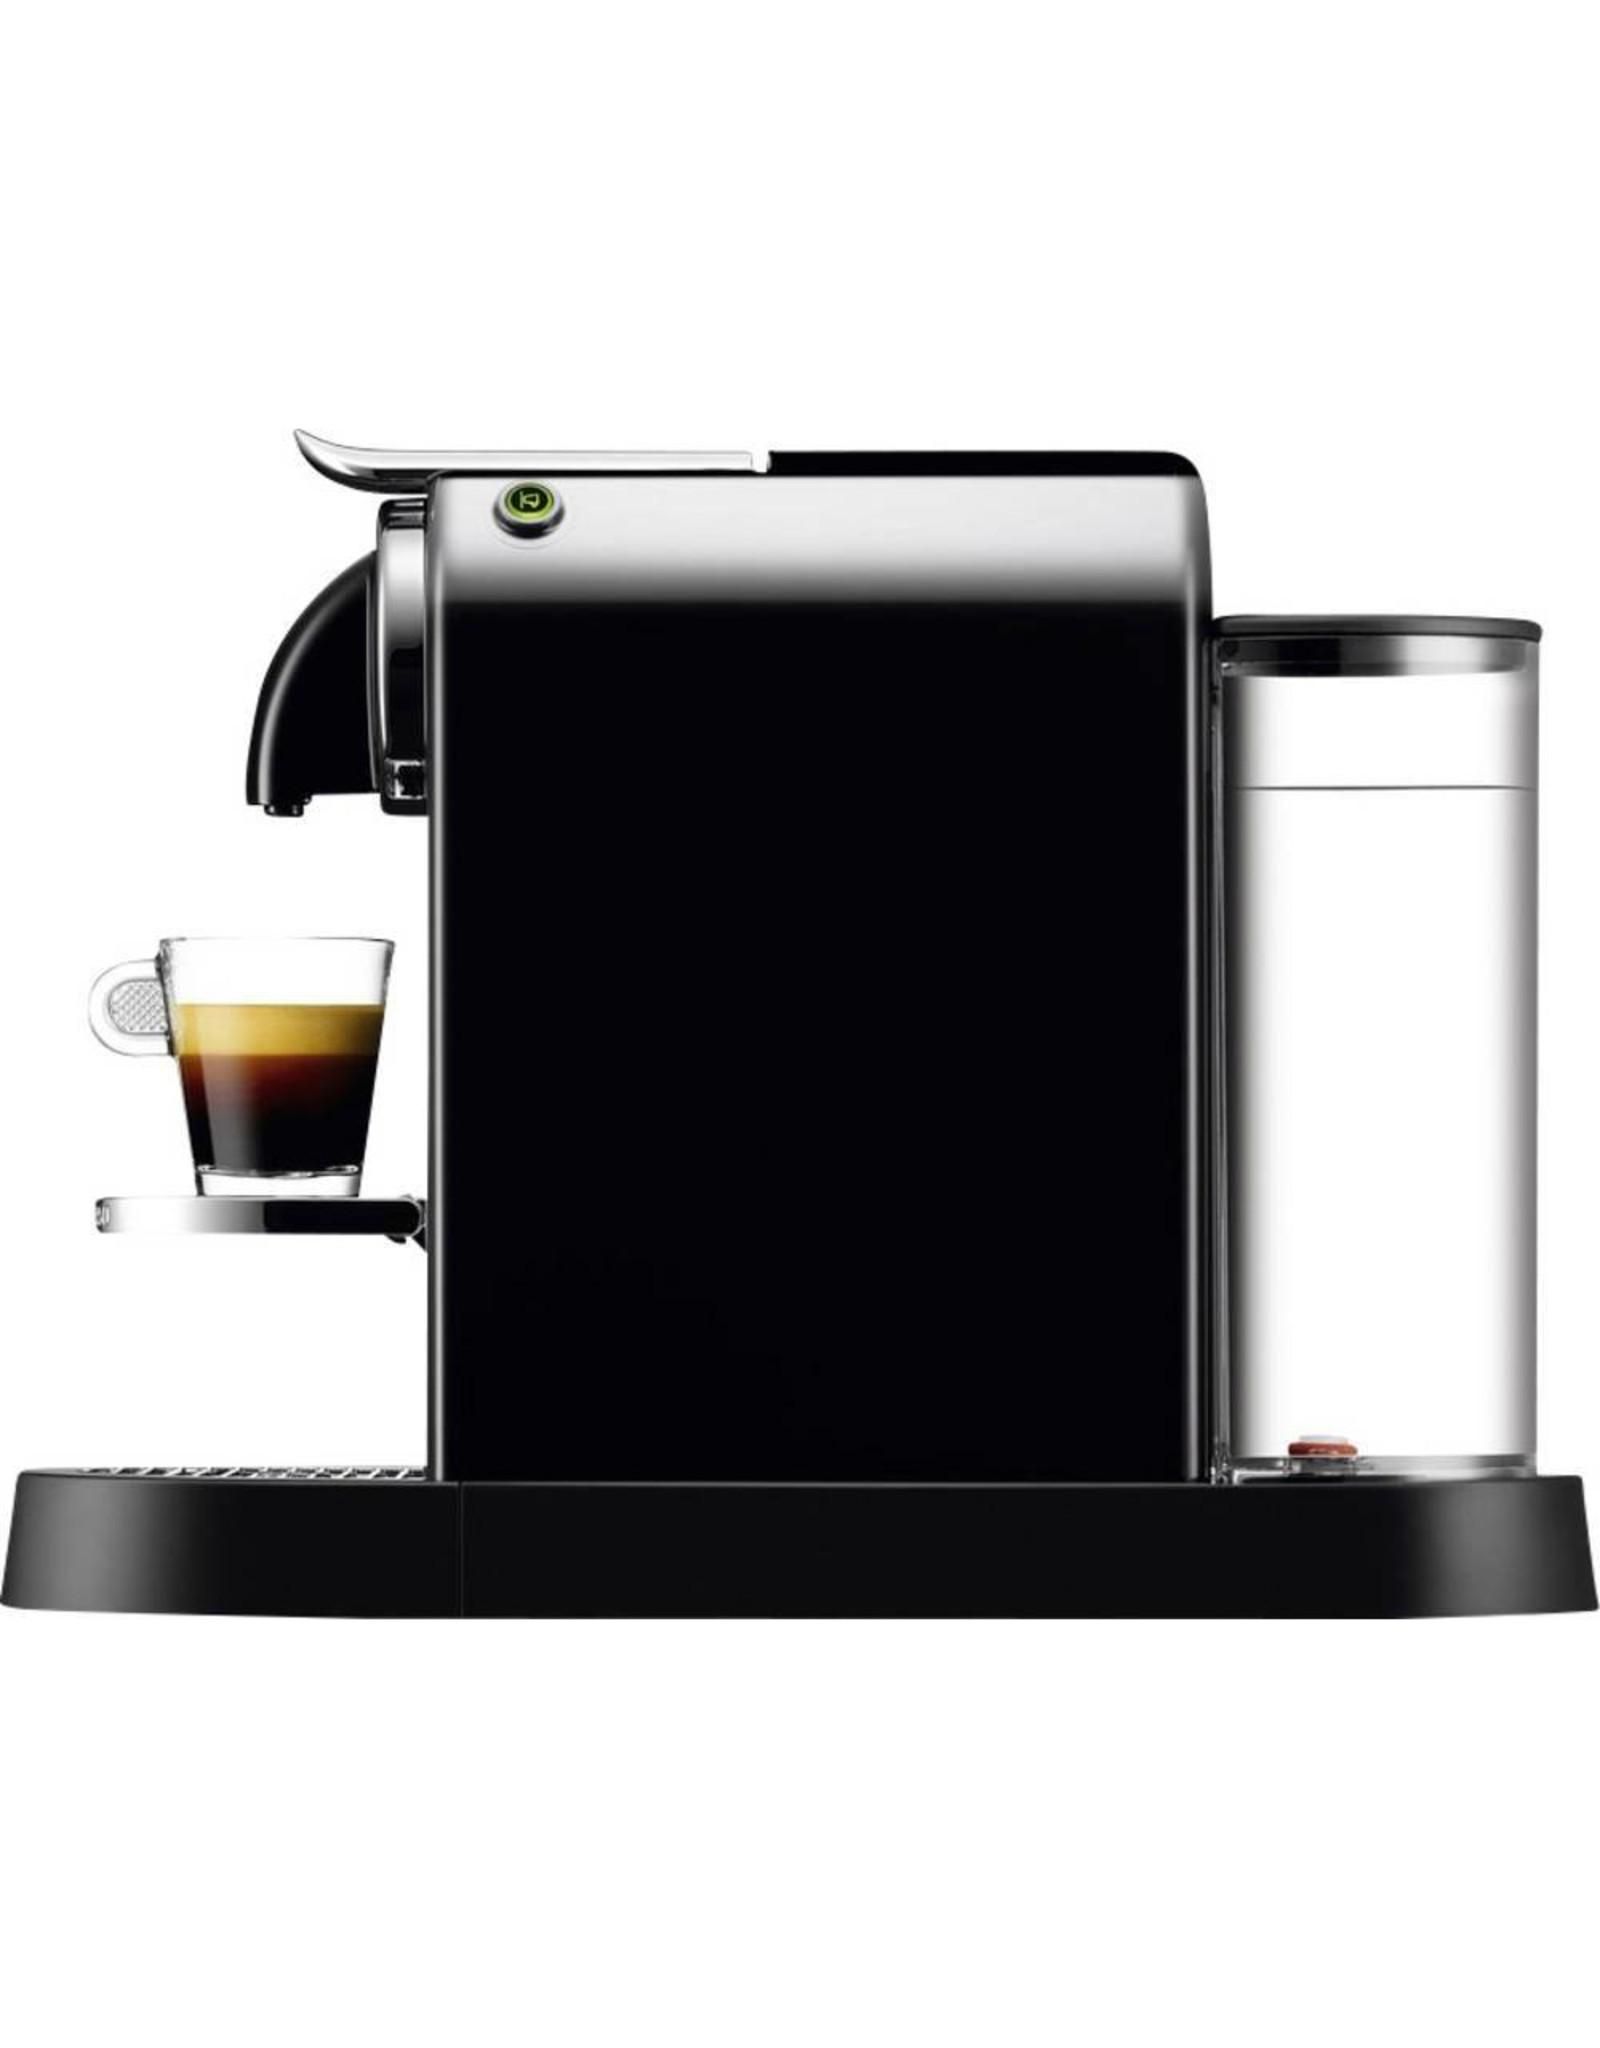 DeLonghi DeLonghi Nespresso EN 167.B Citiz Espressomachine Zwart